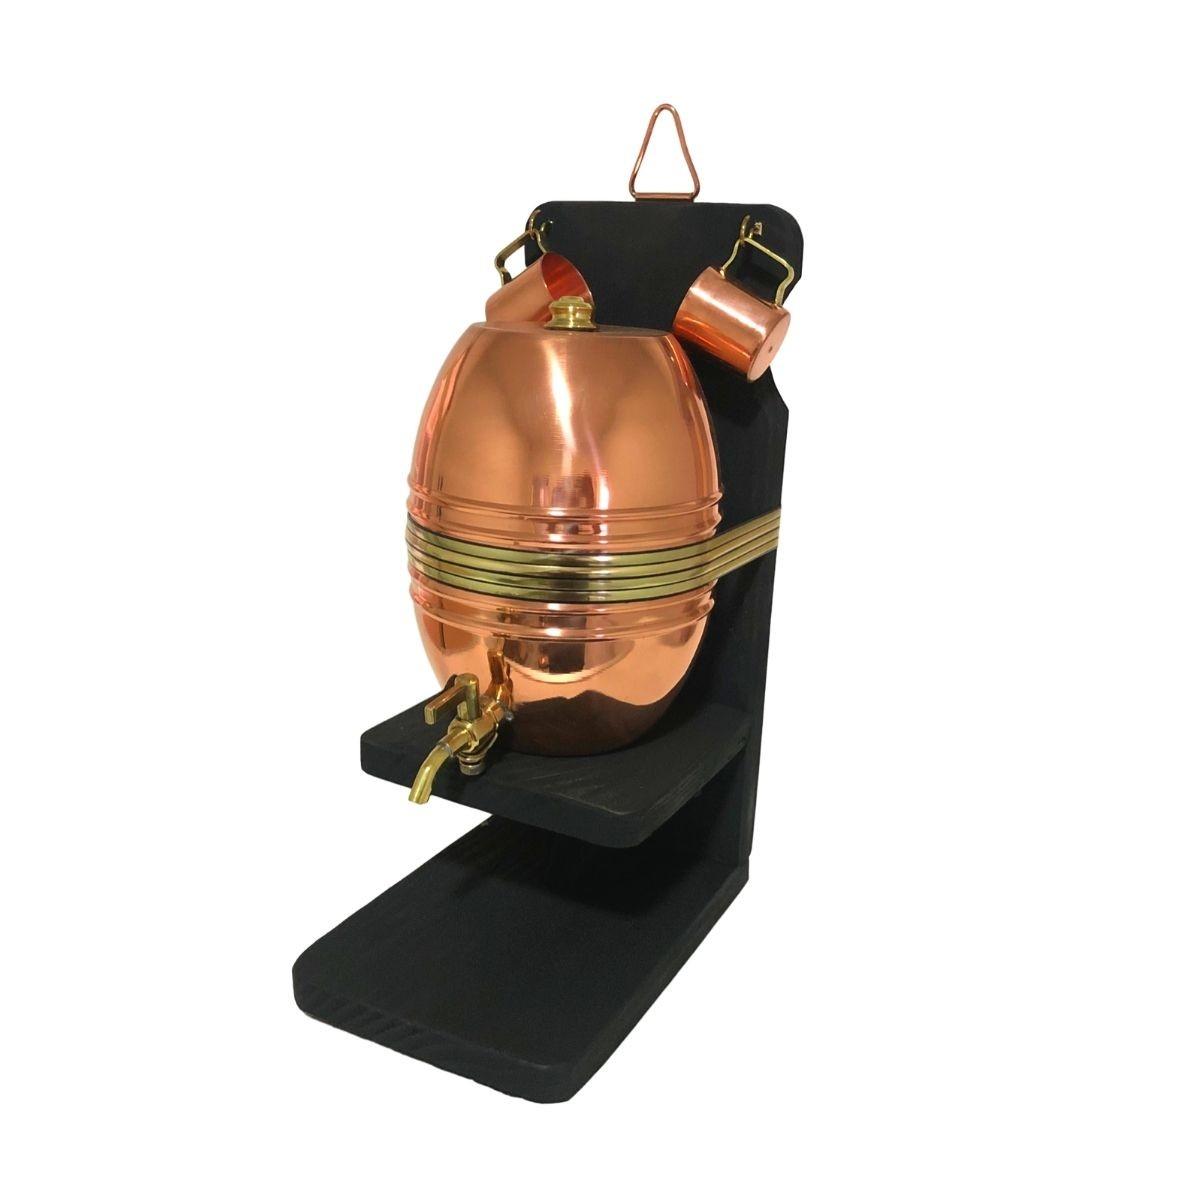 Barril de Cobre Liso 2 litros + 2 Canequinhas de Cobre